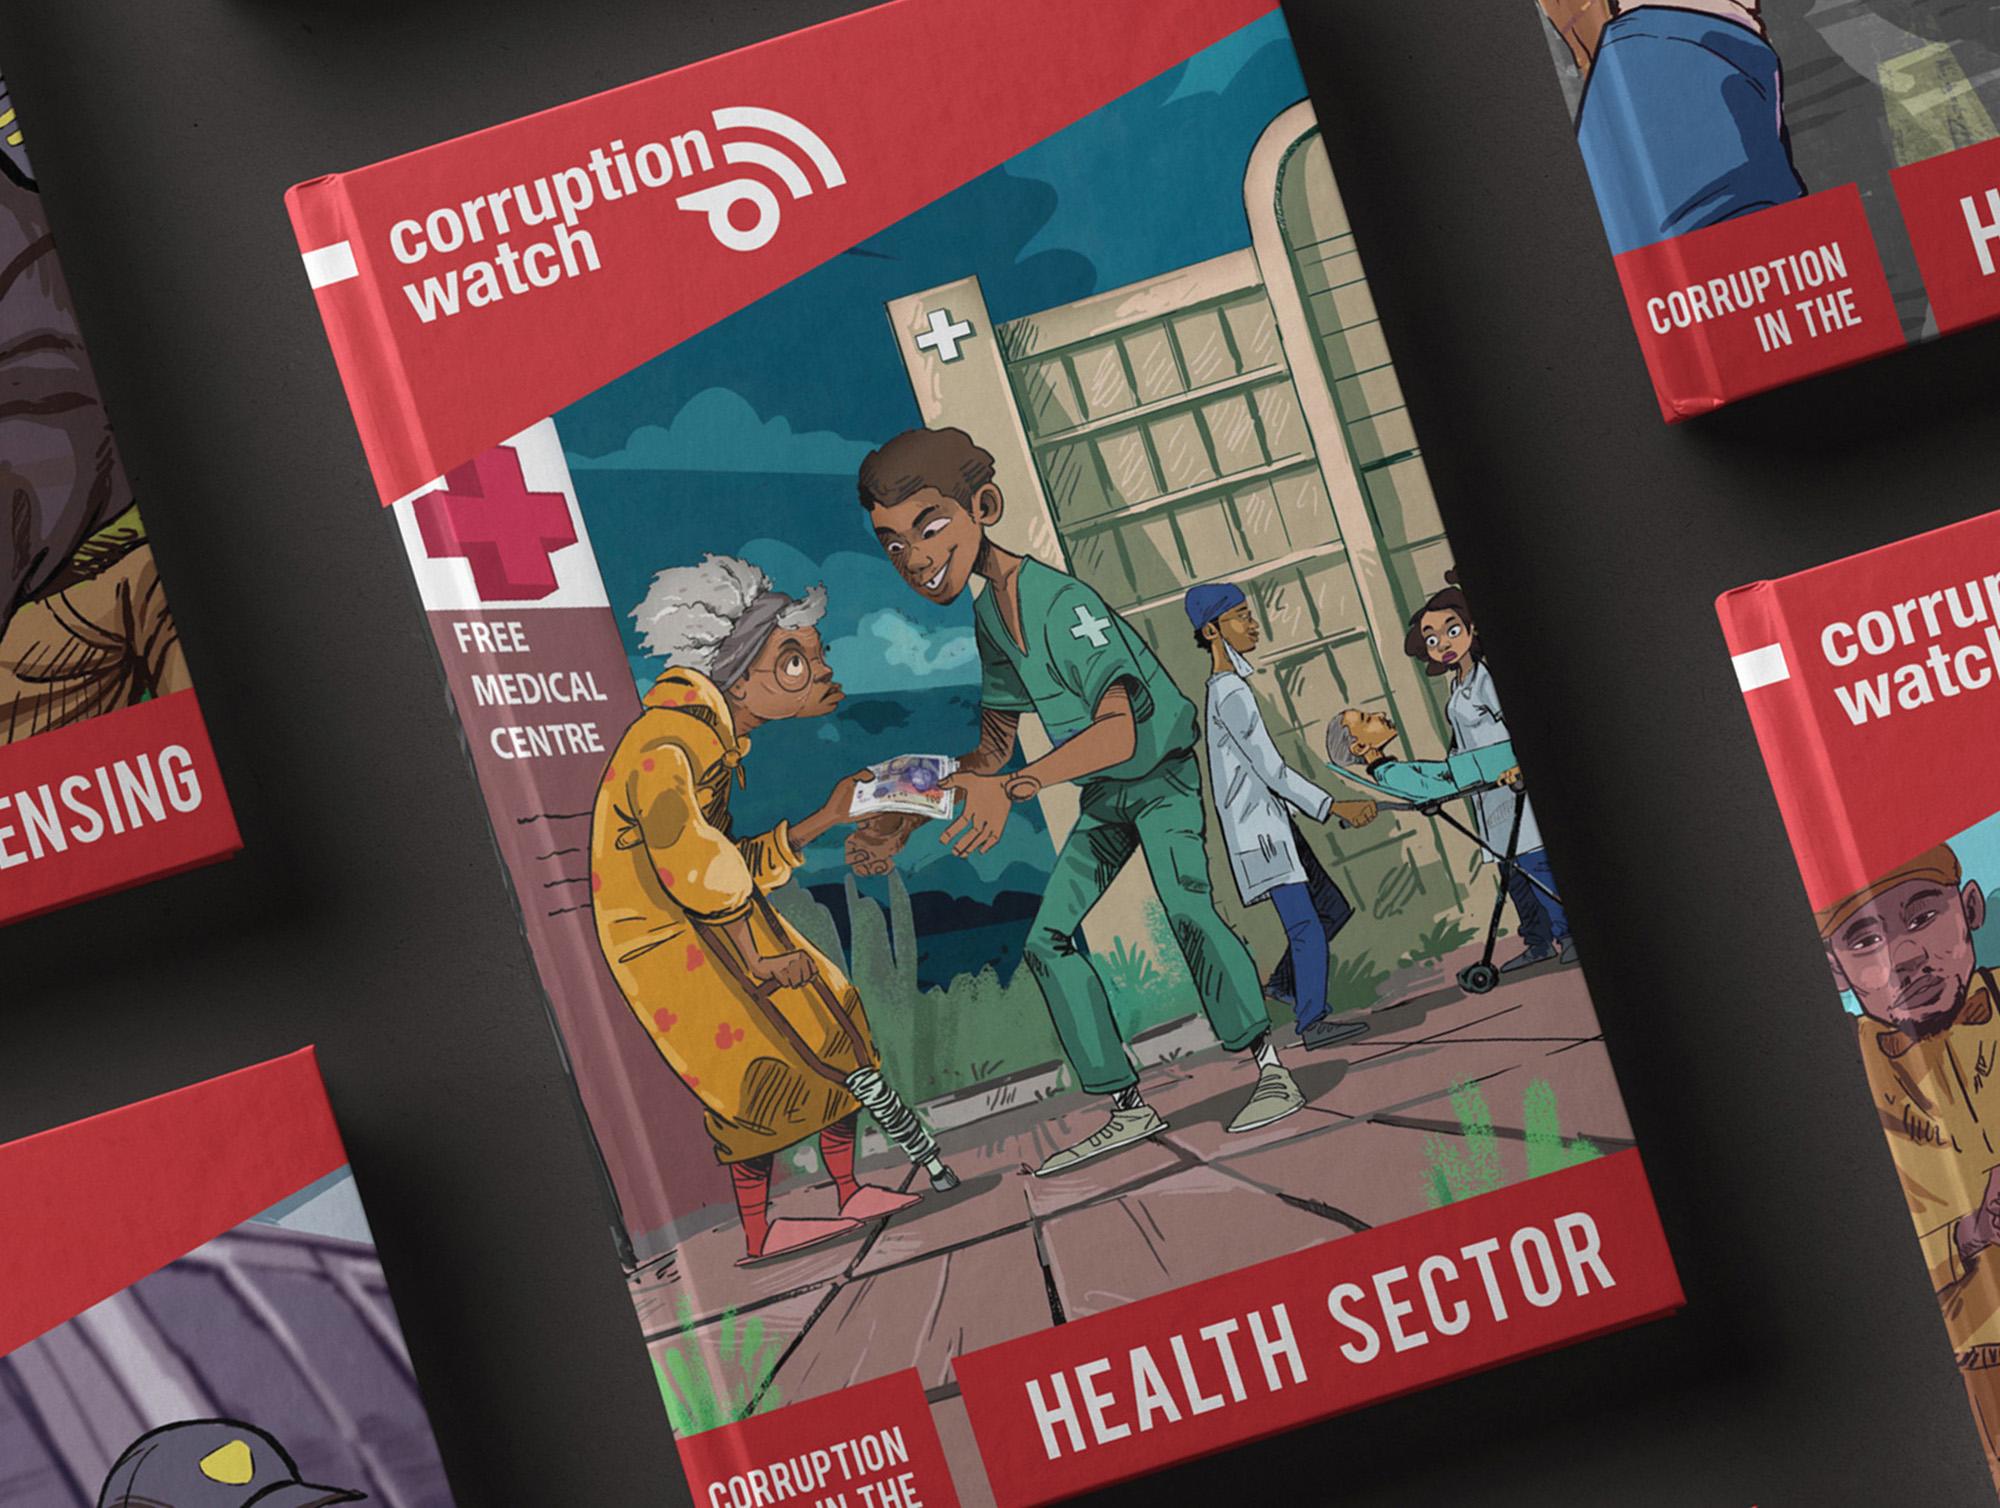 CorruptionWatch-Illustrations-Graphic-Design-by-Agent-Orange-Design.jpg